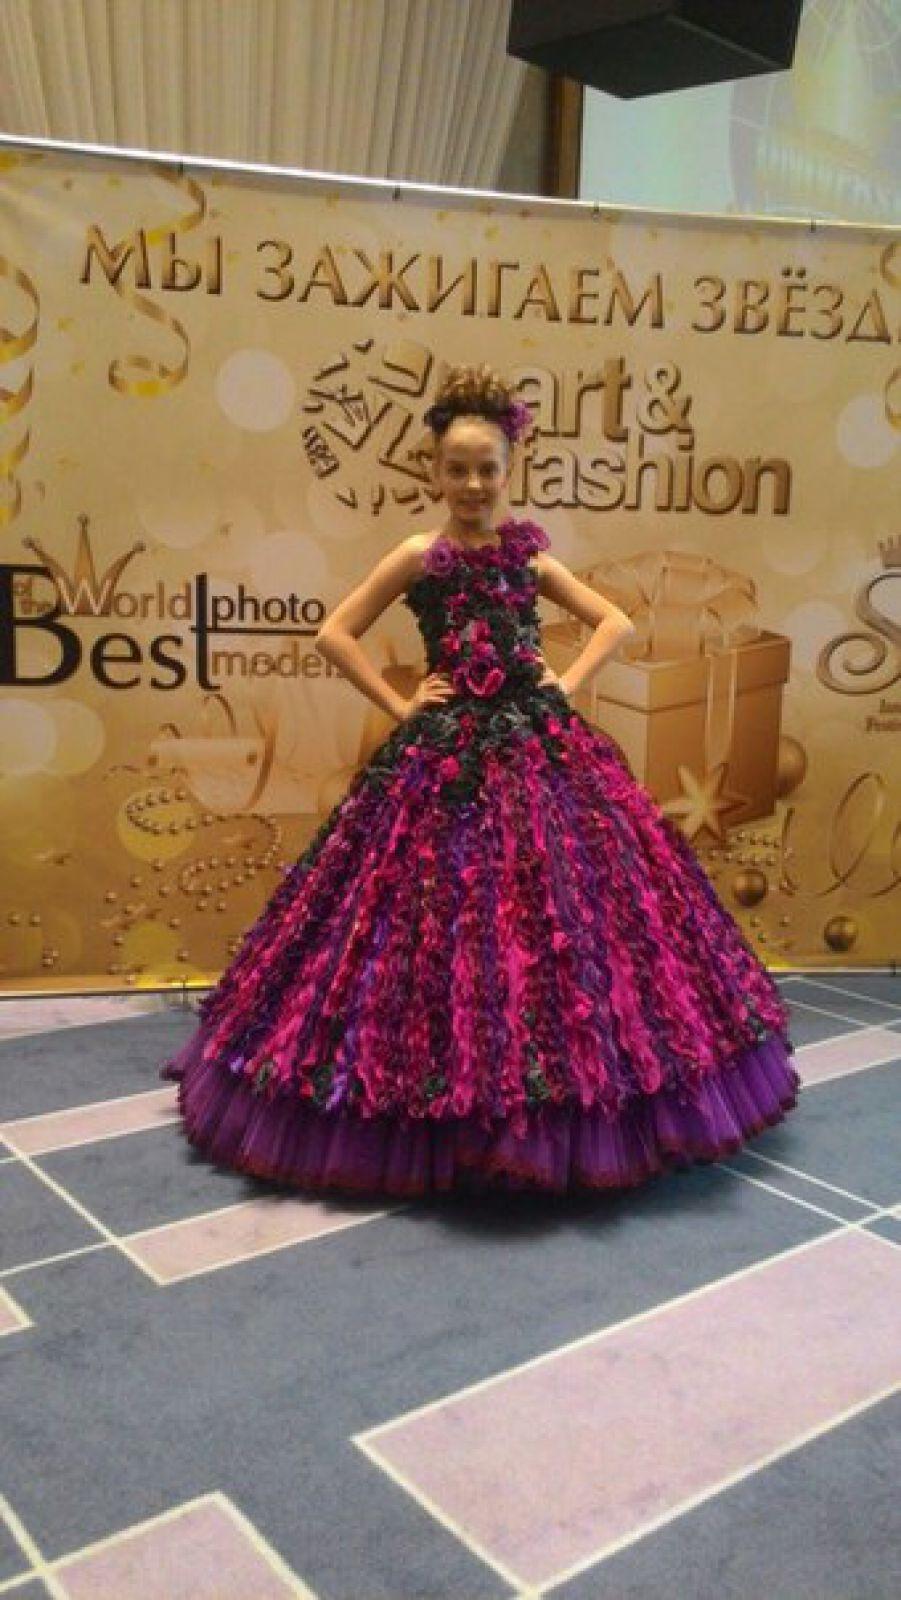 Оля участвовала сразу в двух конкурсных проектах: традиционном состязании талантливых красавиц, а также в модельном направлении.